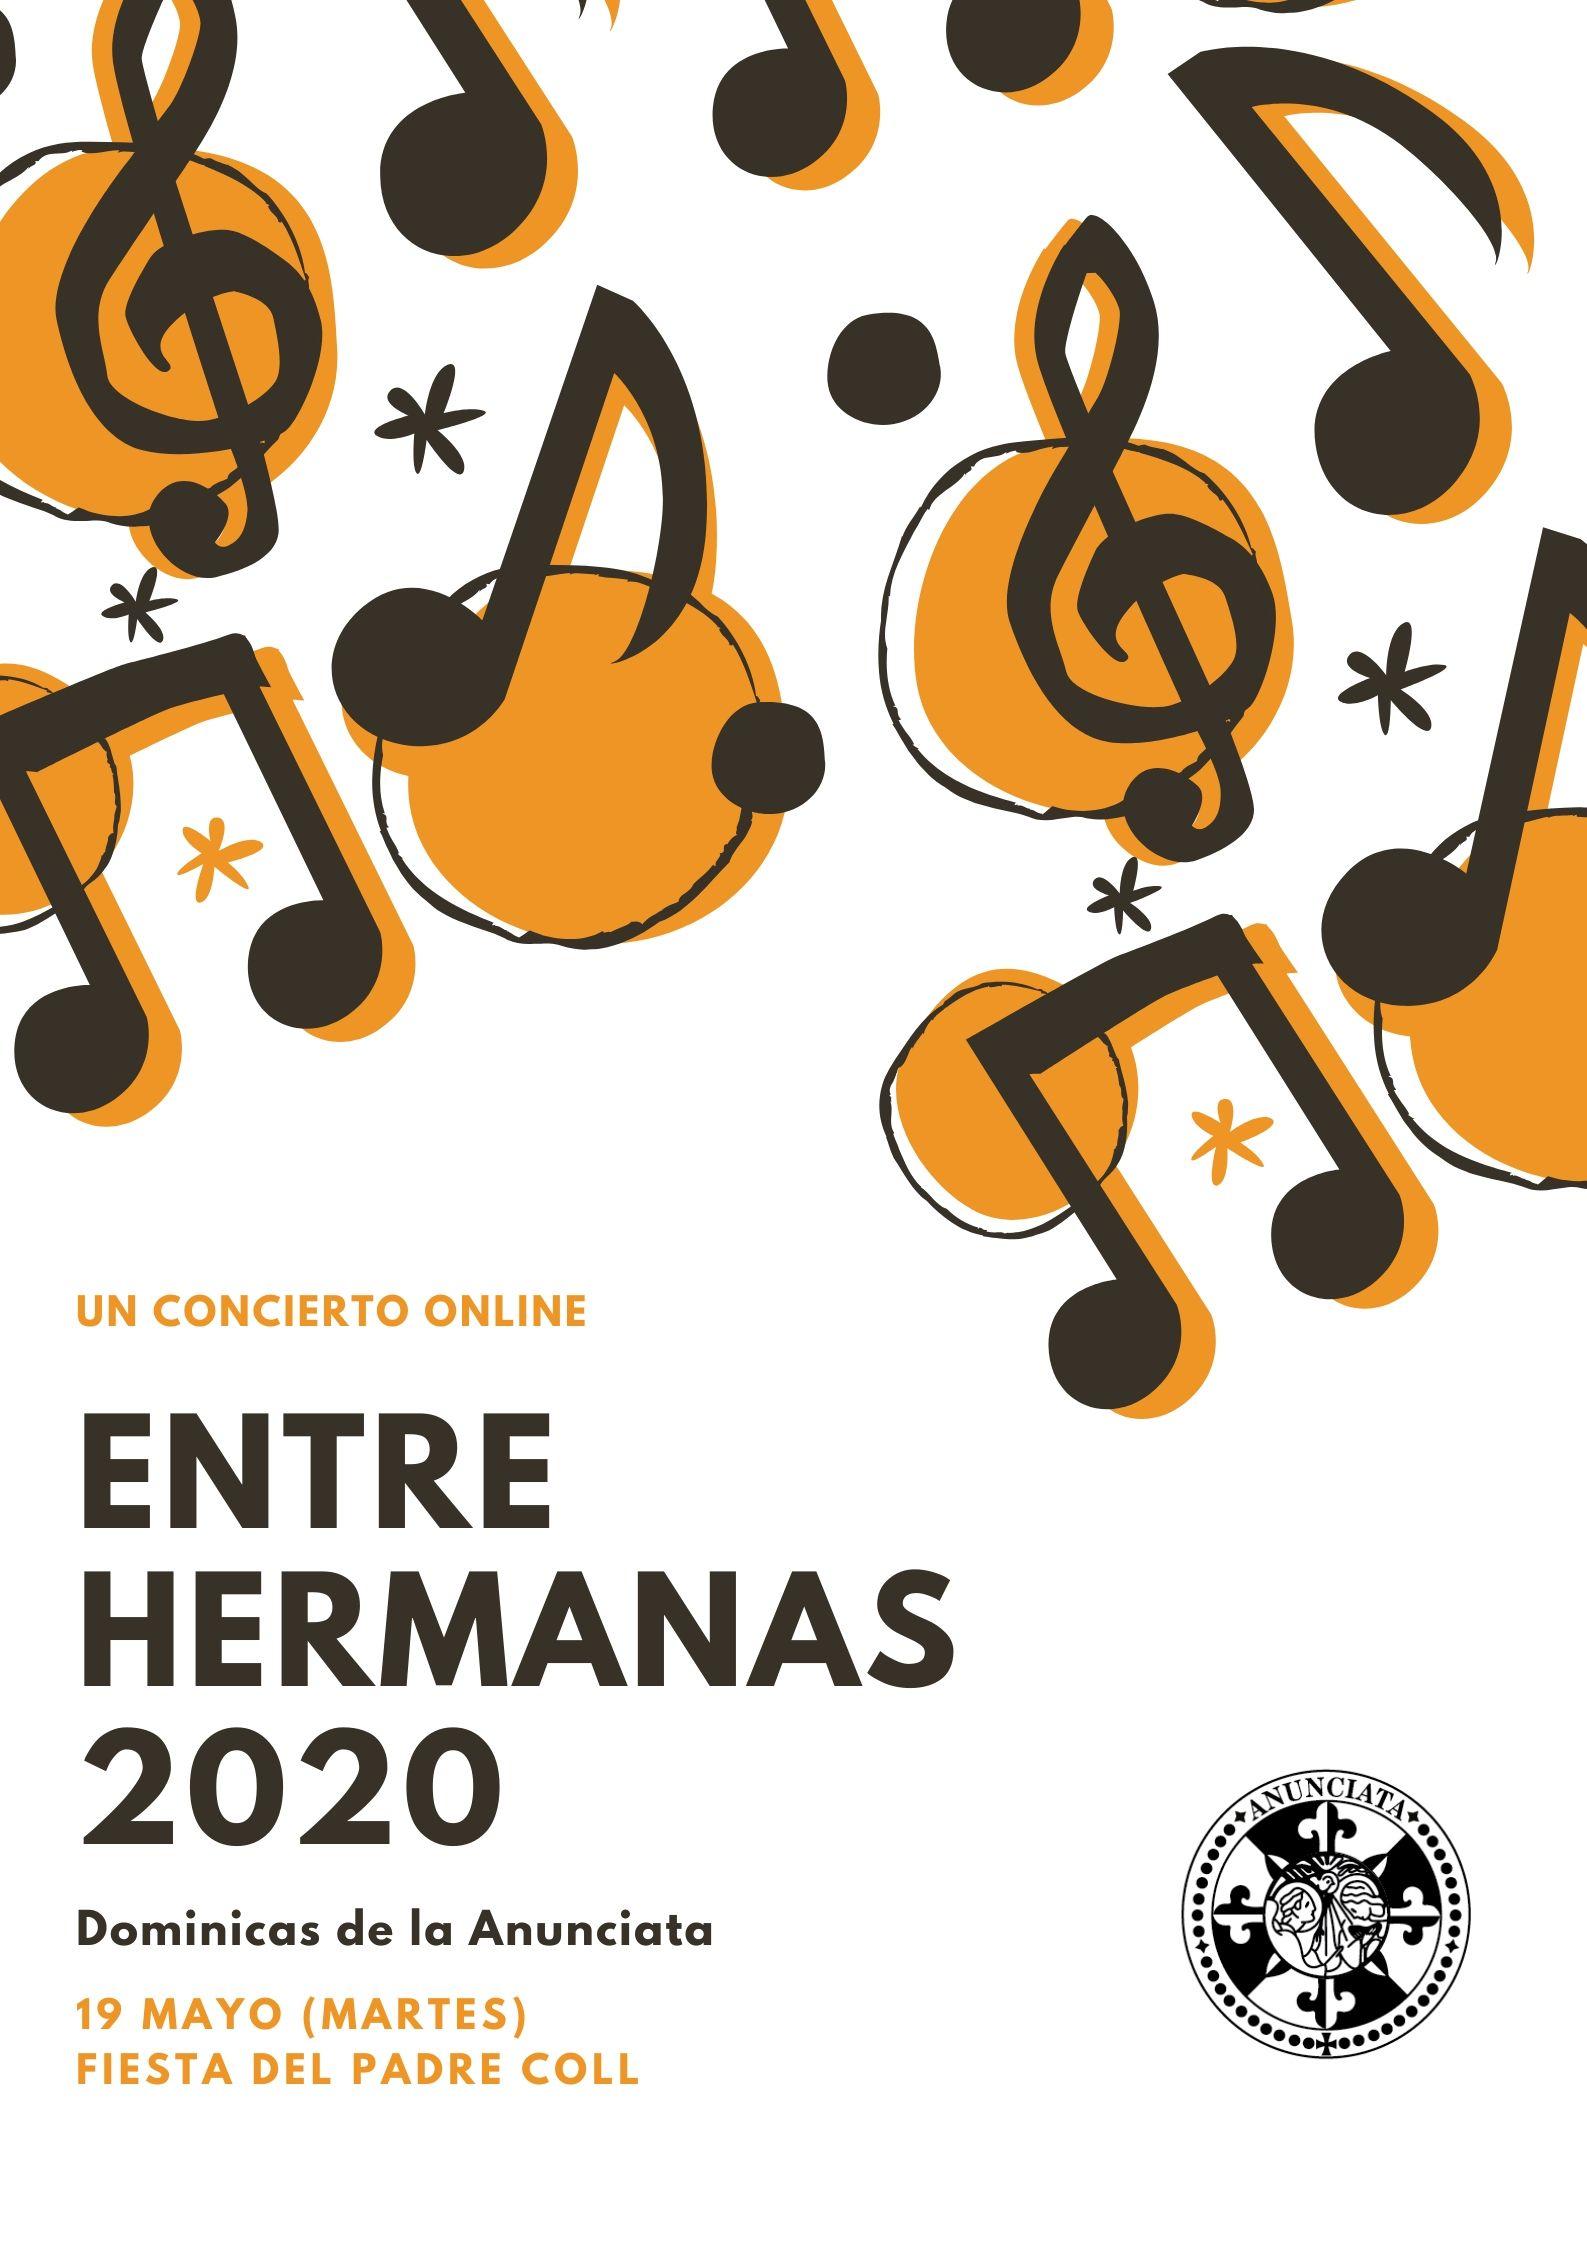 ENTRE HERMANAS 2020 – CONCIERTO ON LINE